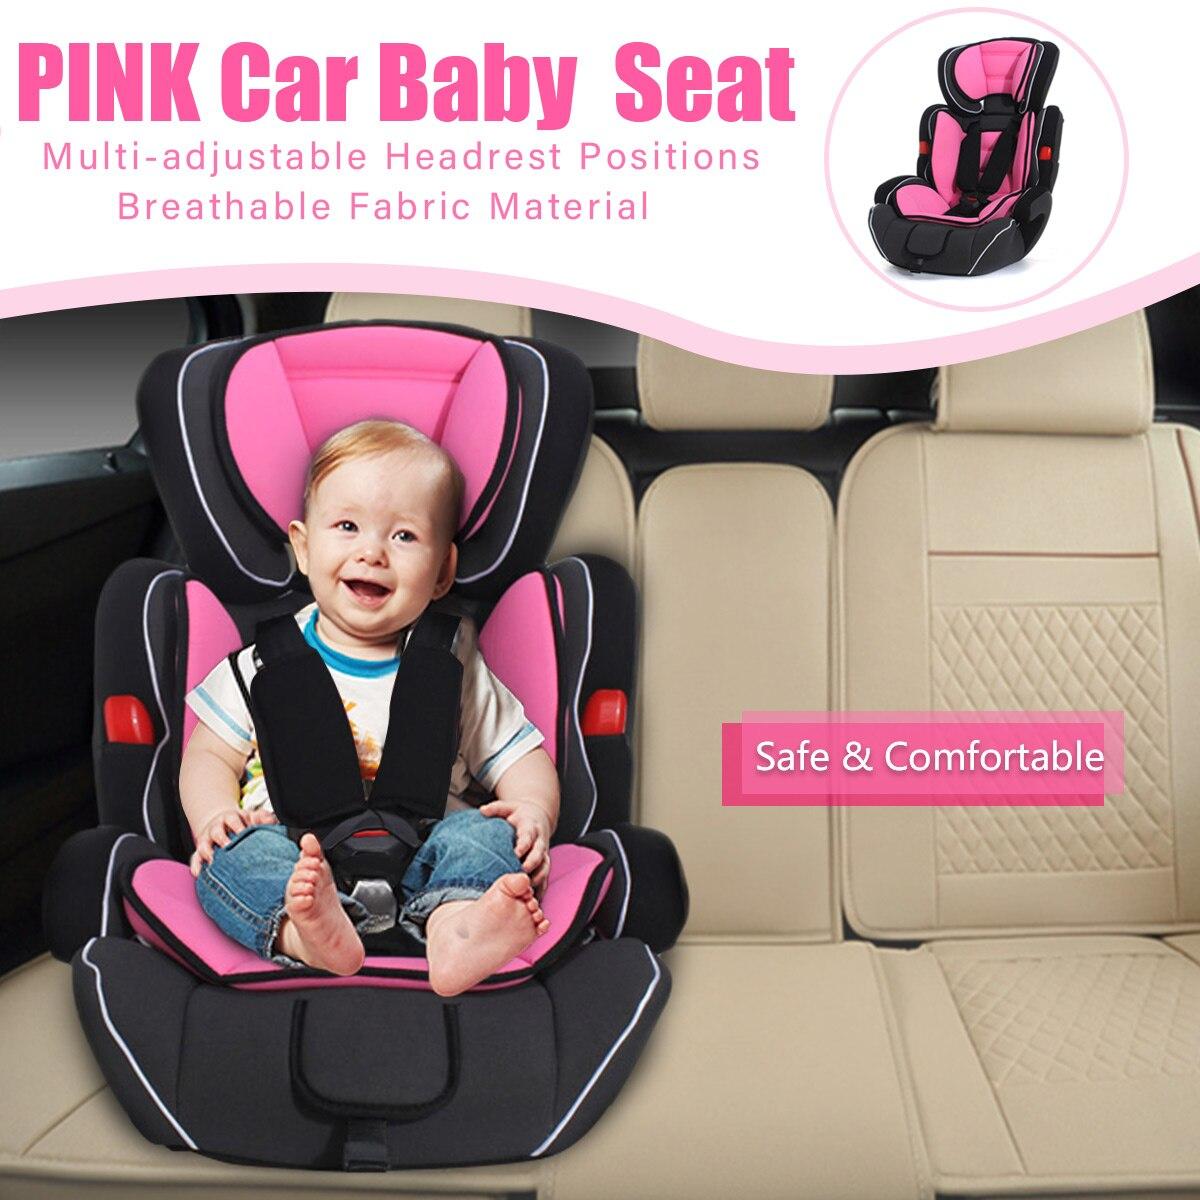 Siège auto bébé augmenté Convertible bébé enfants siège auto & rehausseur pour enfant 9-36 kg rose clair noir